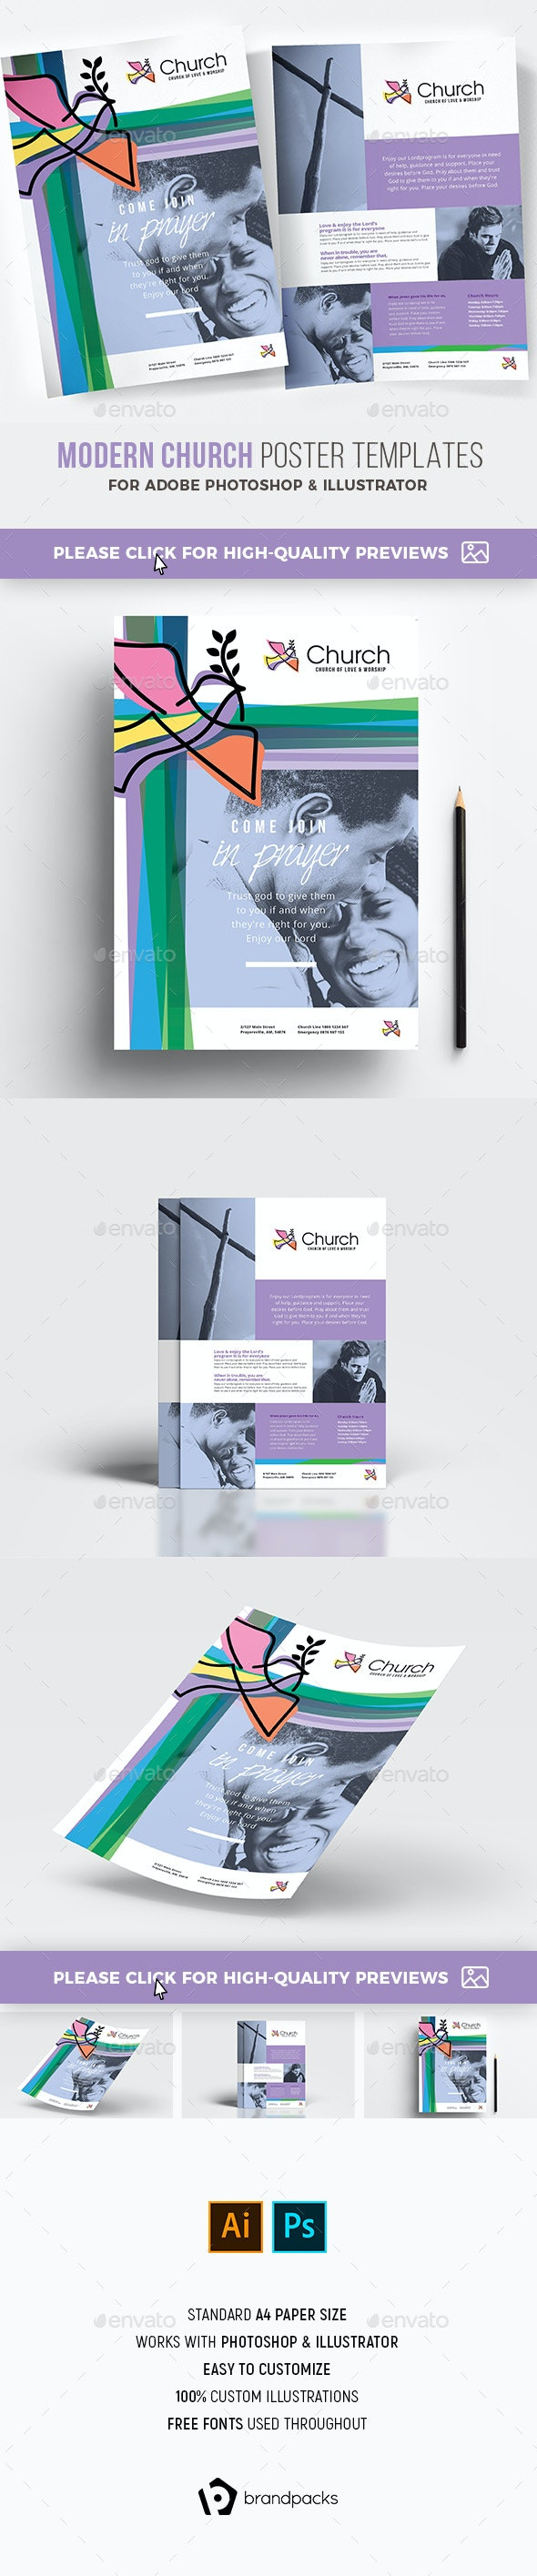 Modern Church Poster Template - Church Flyers